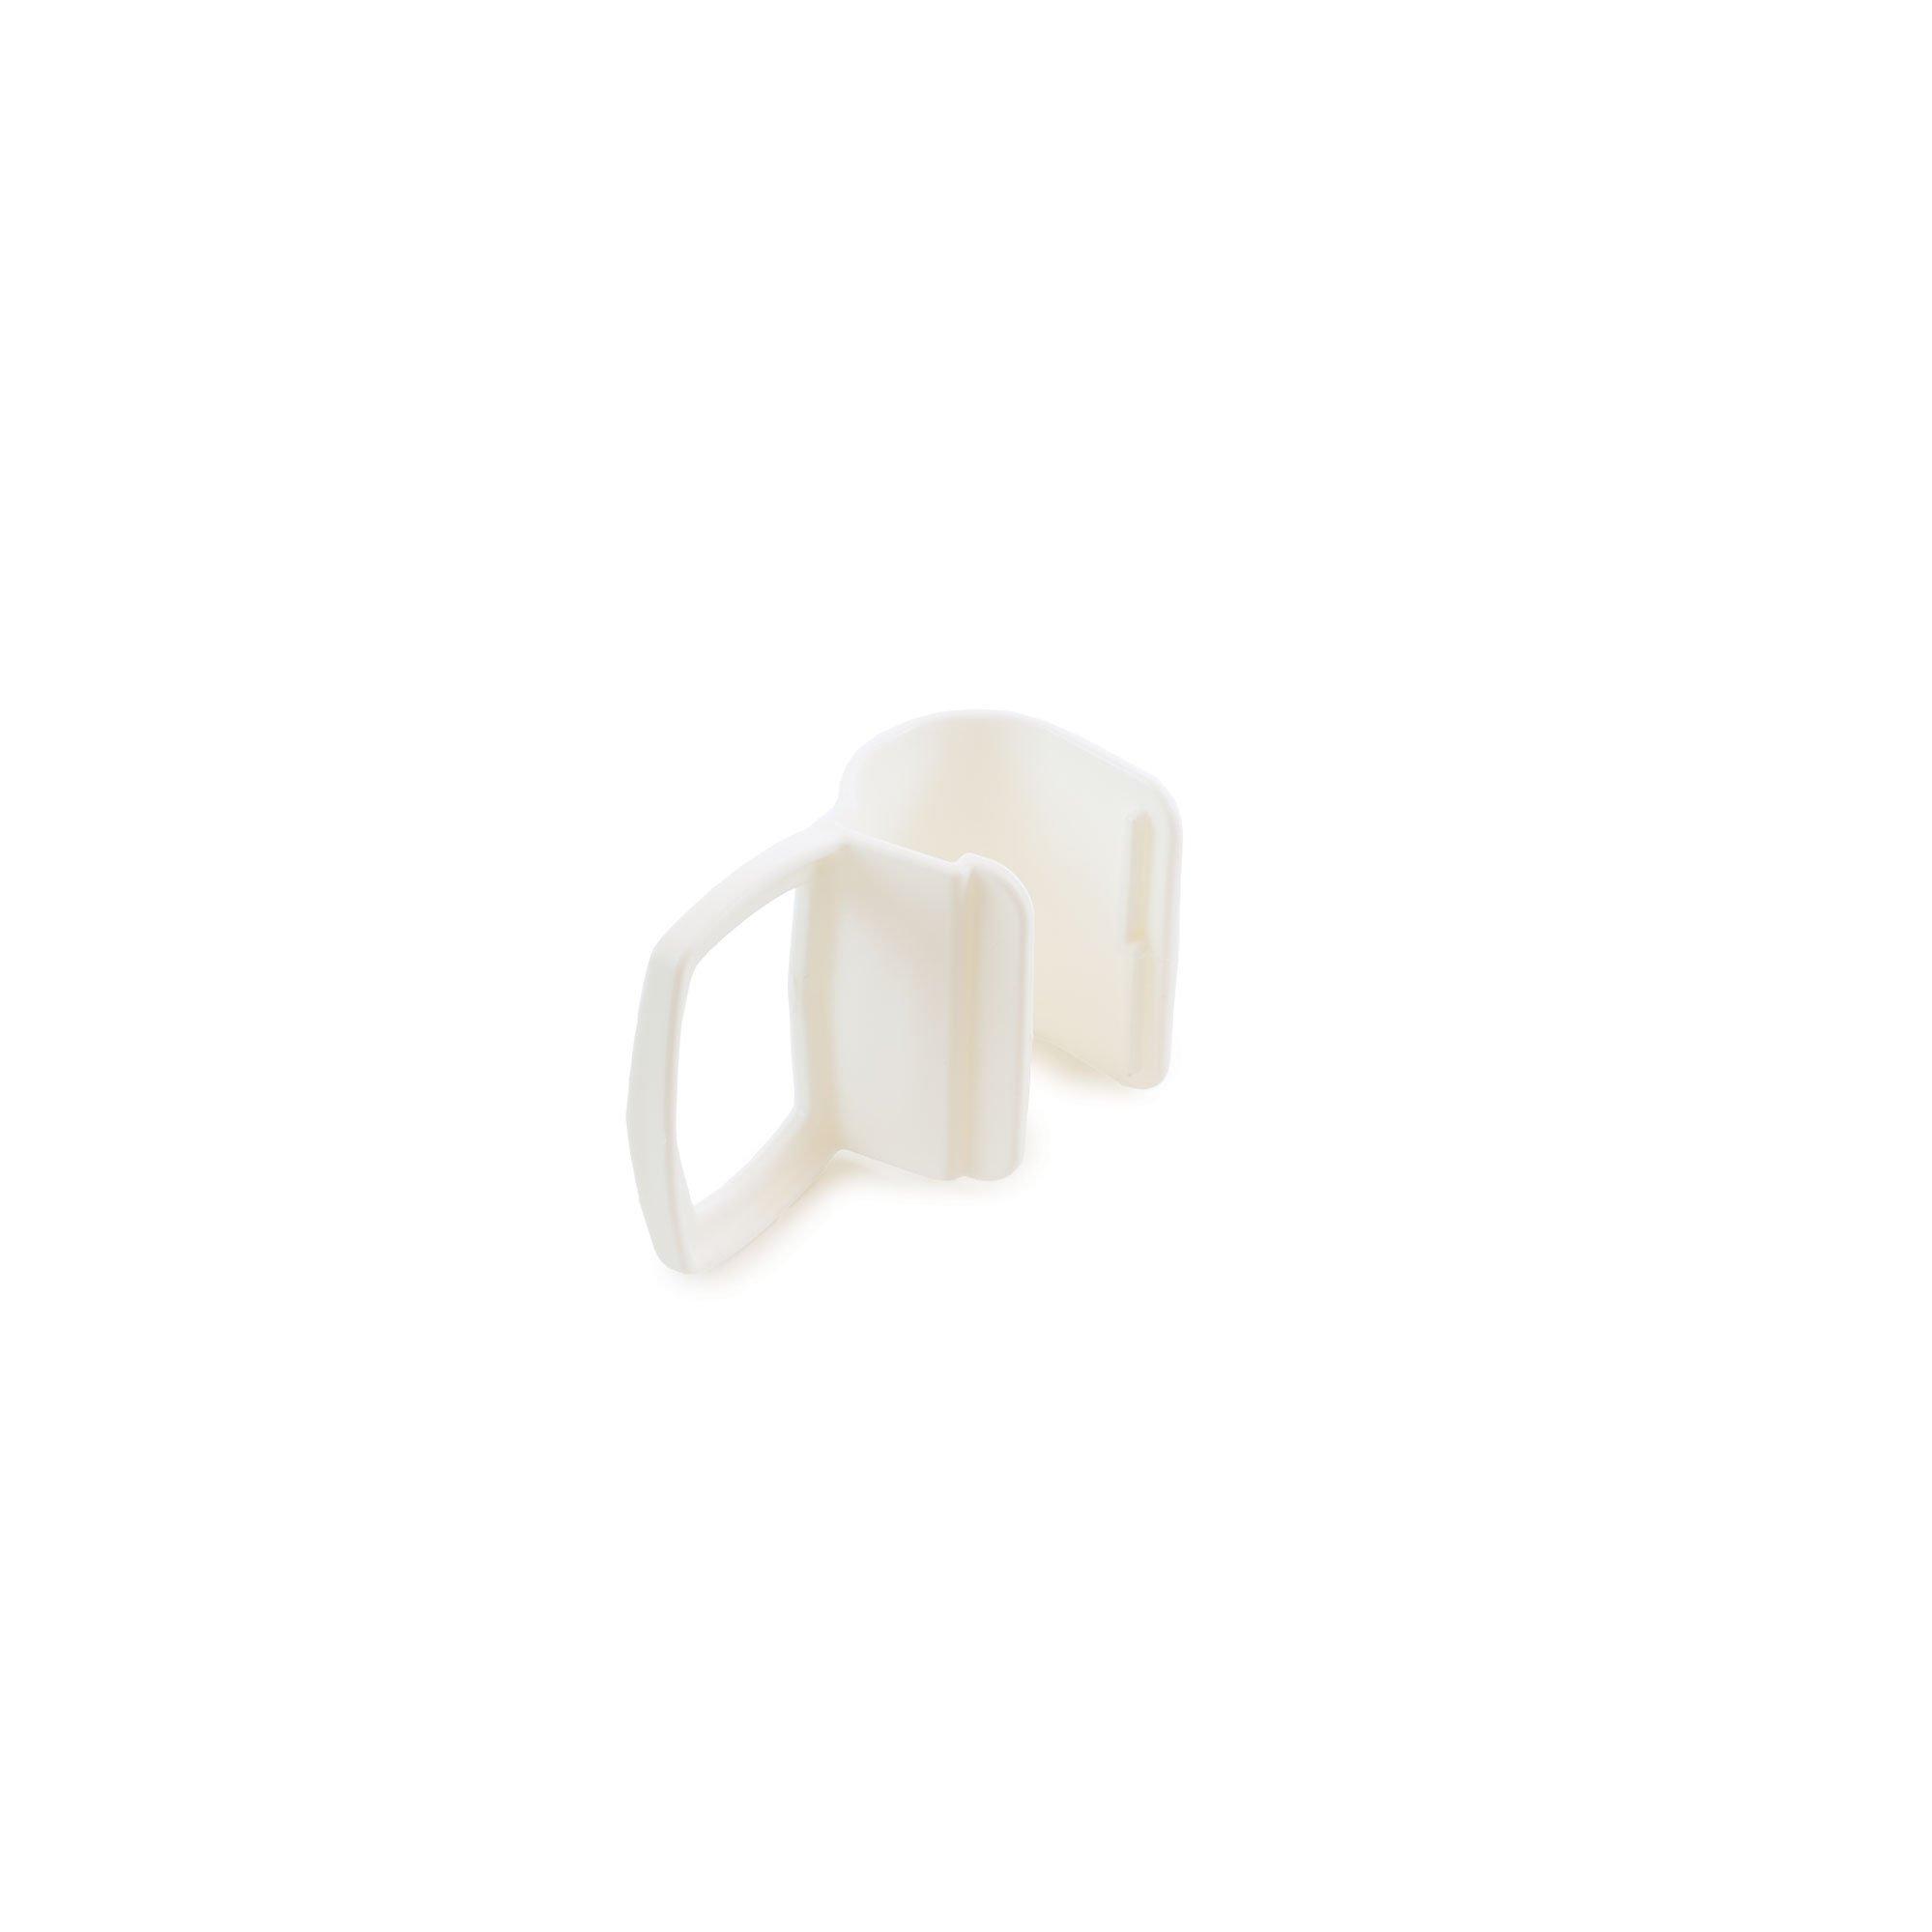 Medegen Medical Products H143-01 White Uri-Clip Urinal Holder (Pack of 48)